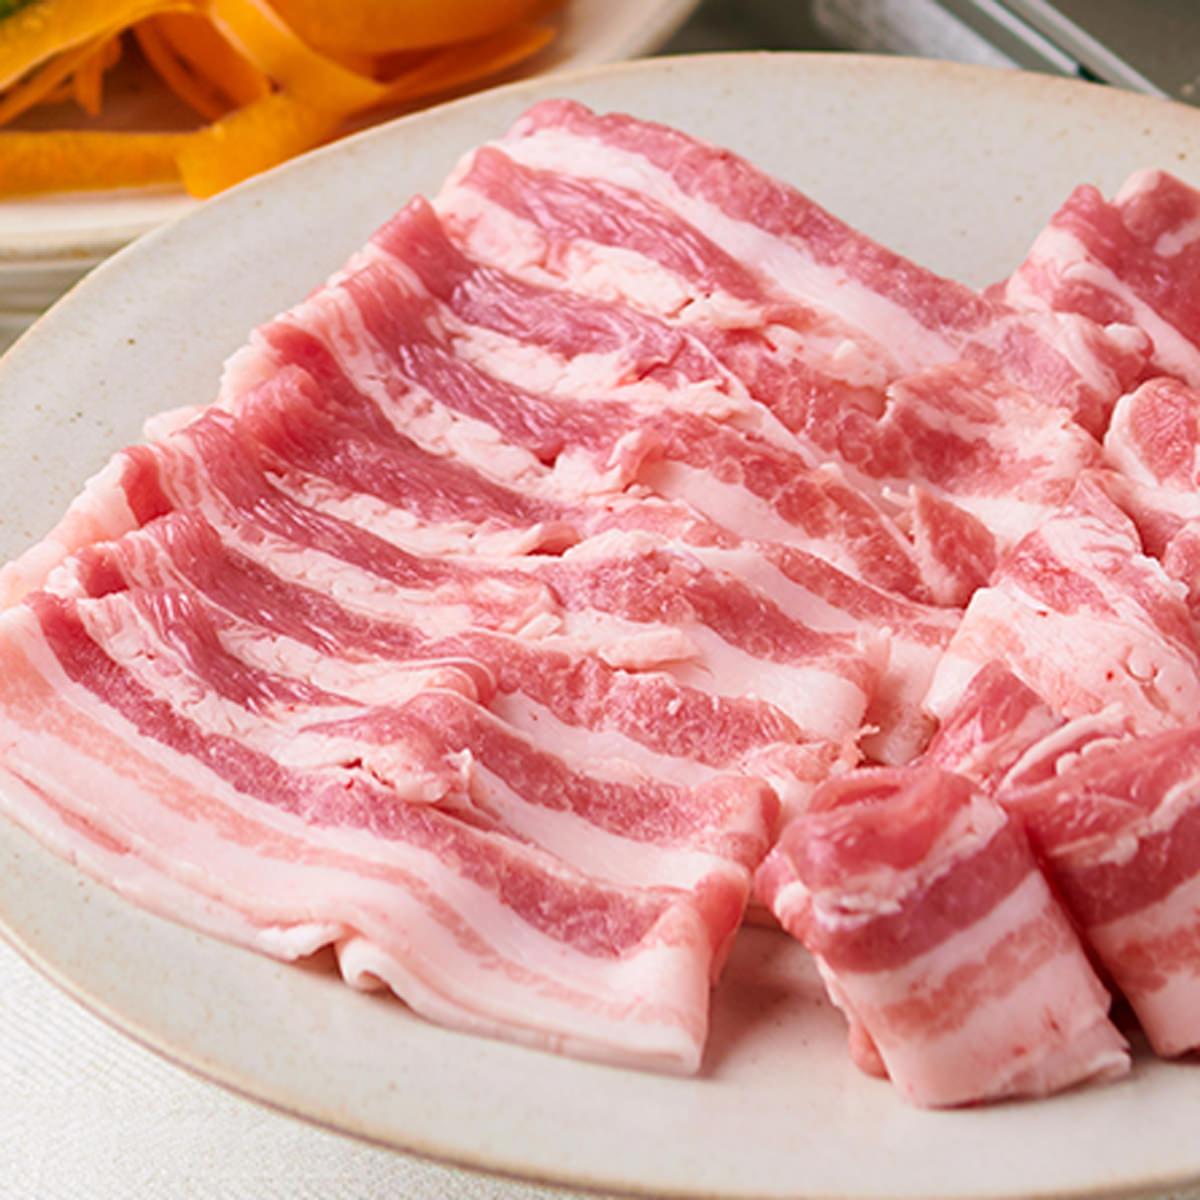 さの萬 萬幻豚バラしゃぶしゃぶ詰合せ豚バラ肉〔豚バラ肉400g、オリジナルゴマだれ一本(290ml)、ラー油1本(105ml)〕静岡県